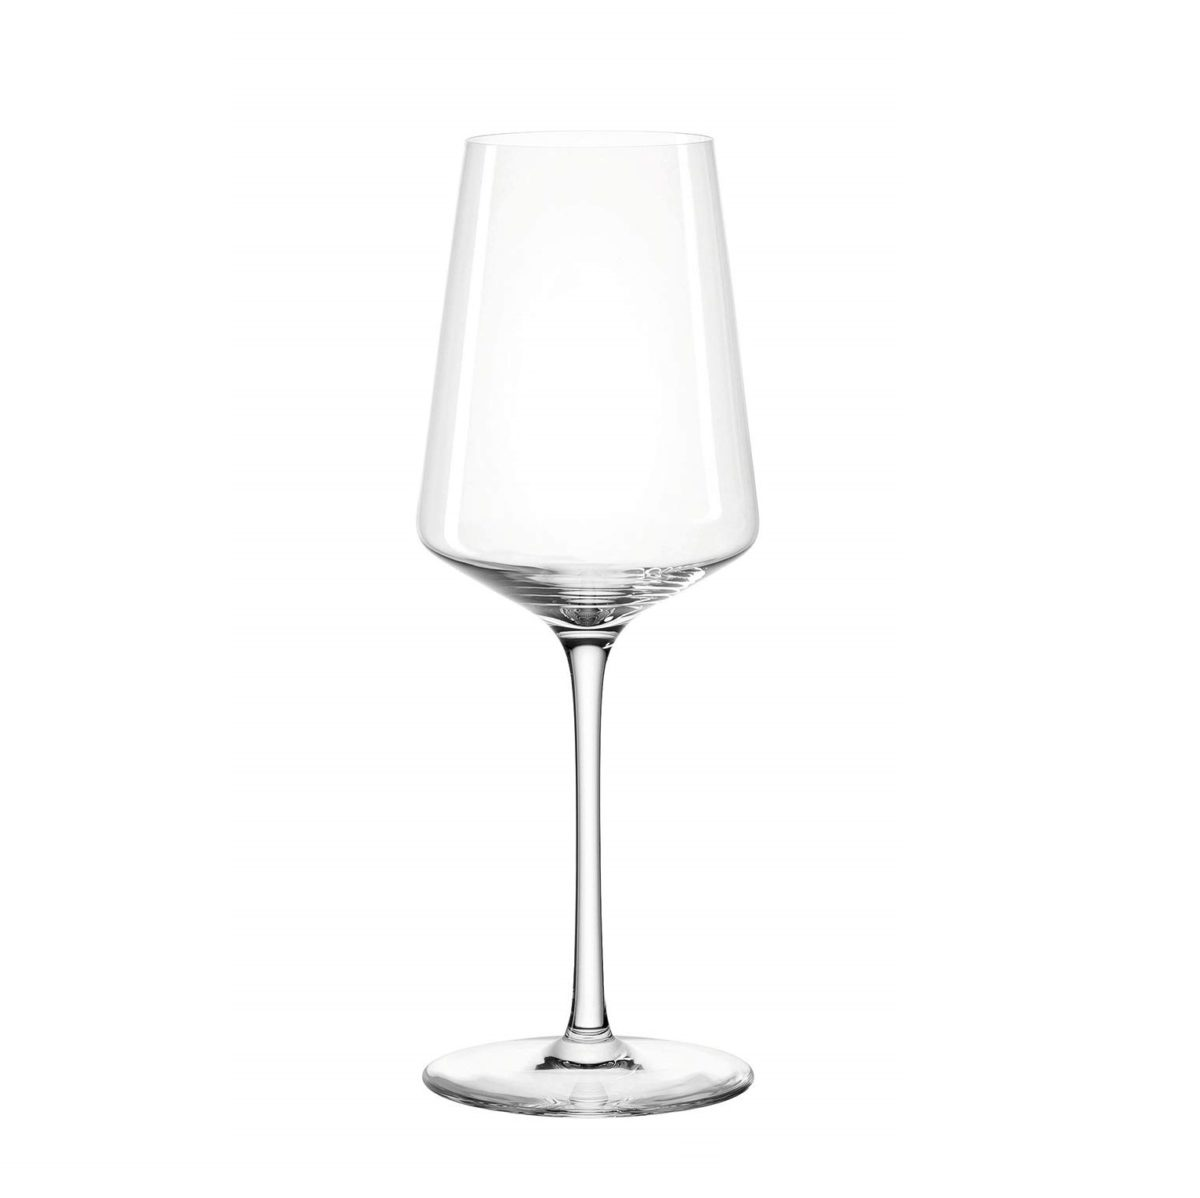 51266e7qZ1L. SL1500  1 1200x1198 - Pahar pentru vin alb Puccini 560 ml (L069553)